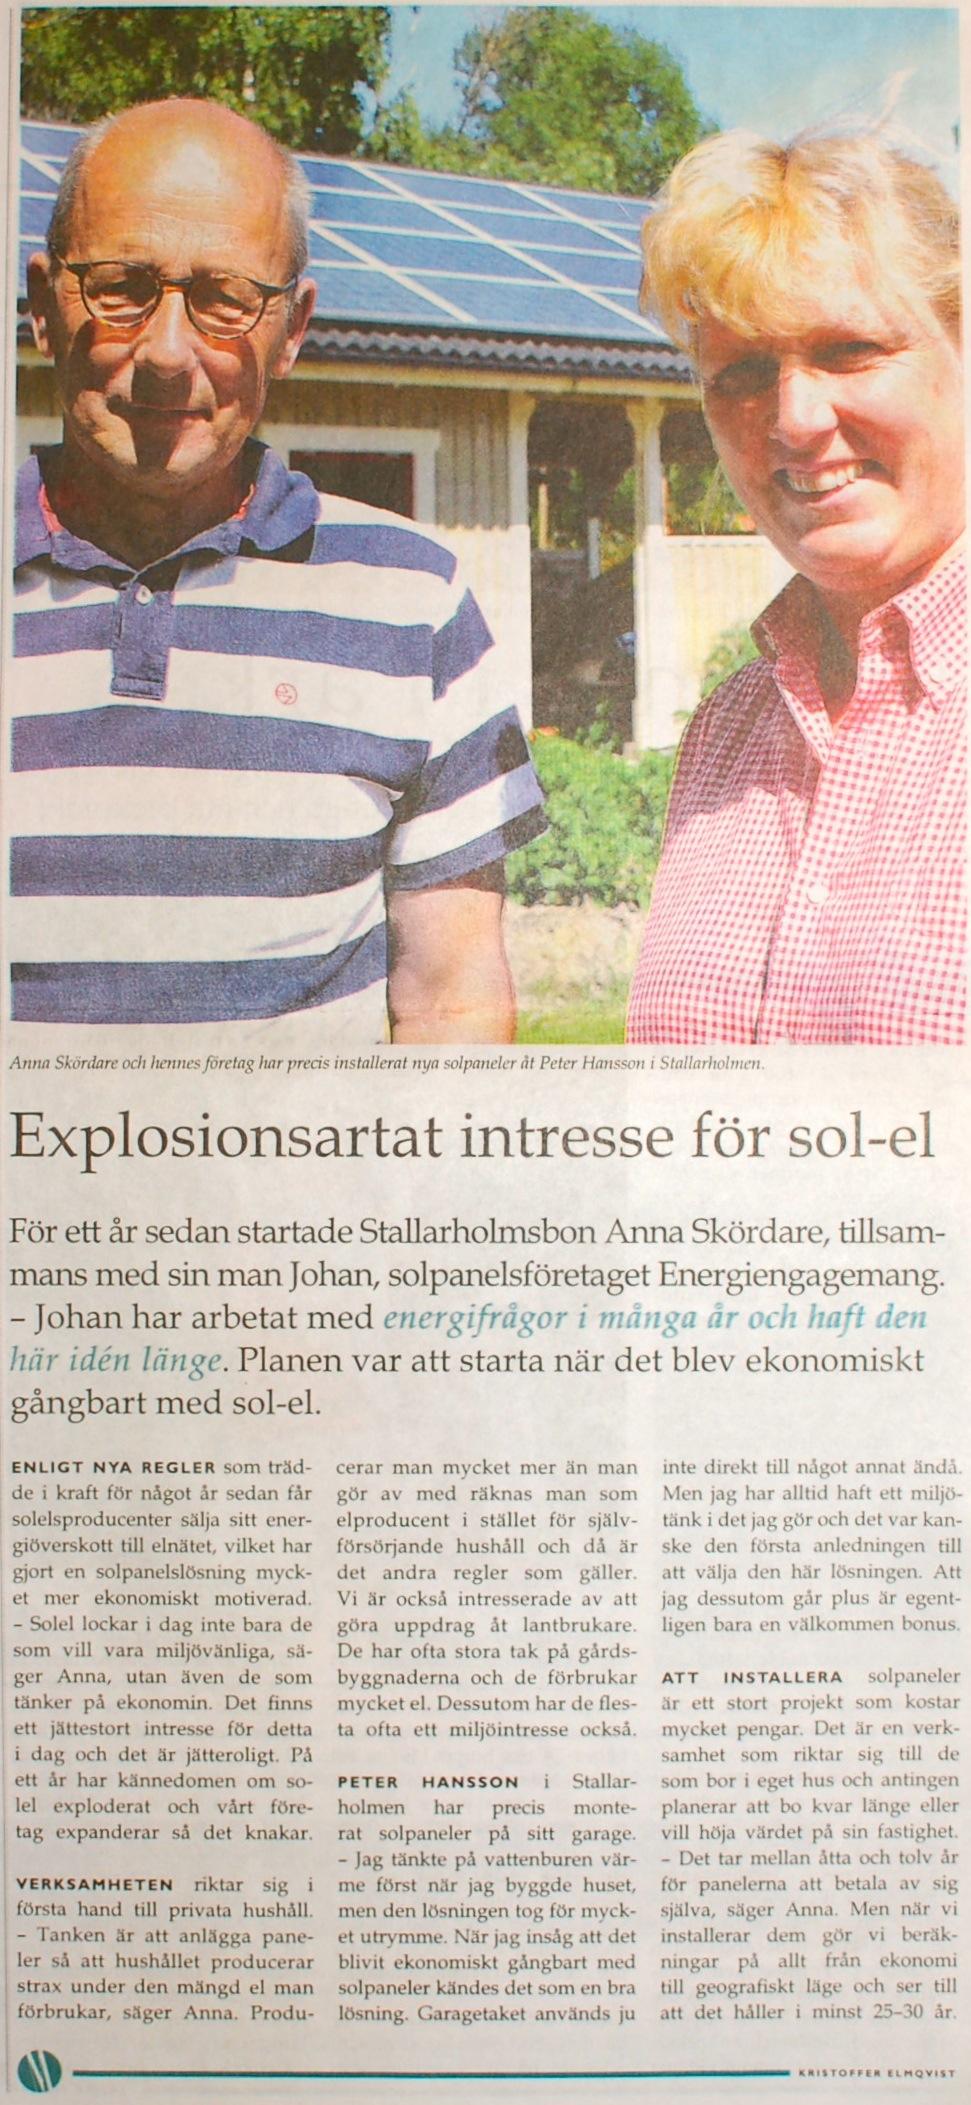 Explosionsartat intresse för sol-el